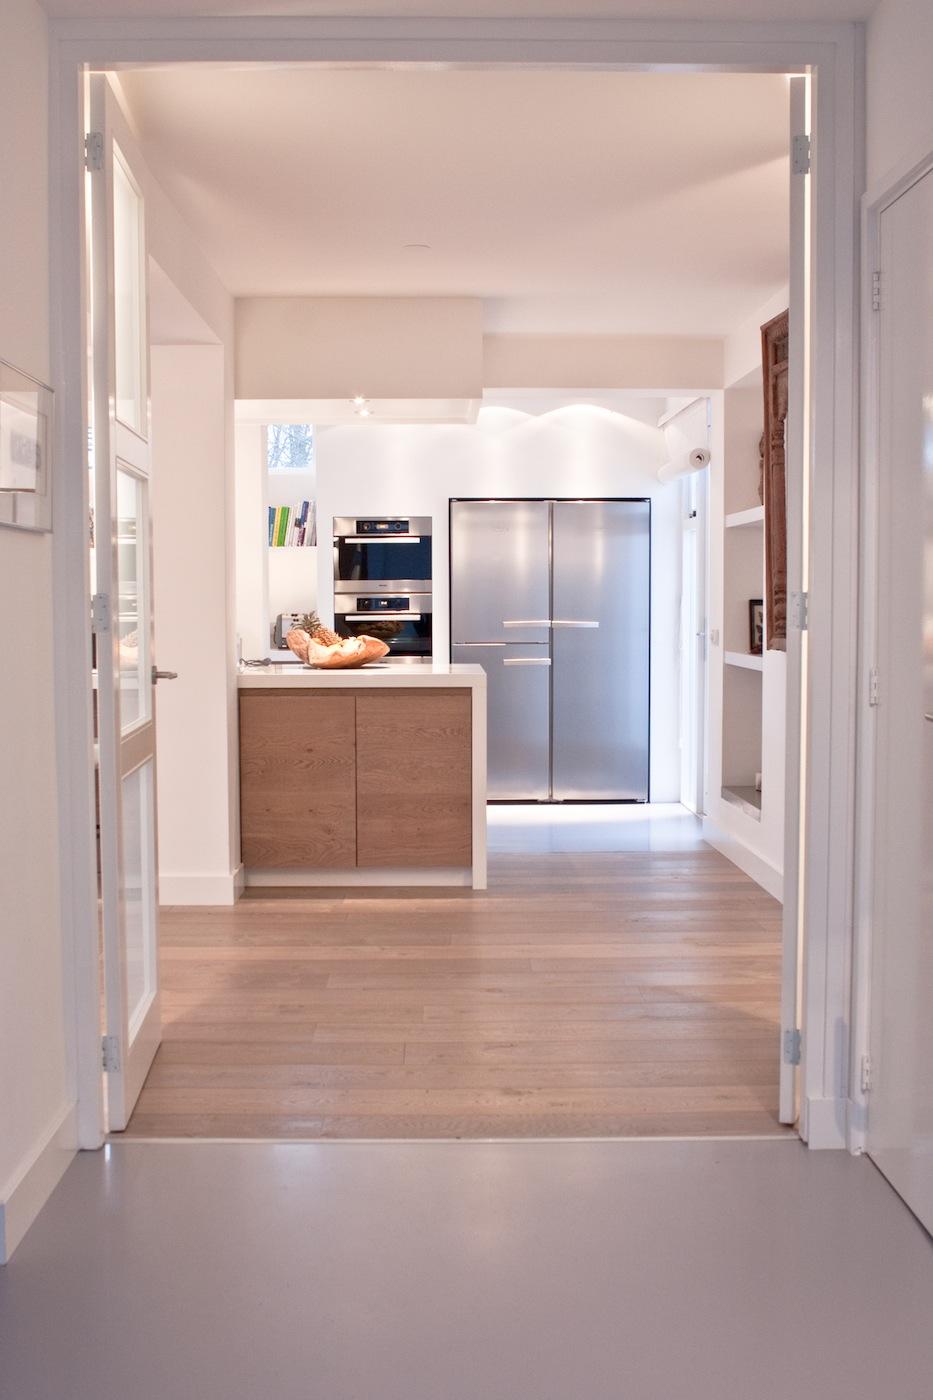 Onze projecten morefloors vloeren breda - Faience giet keuken moderne ...